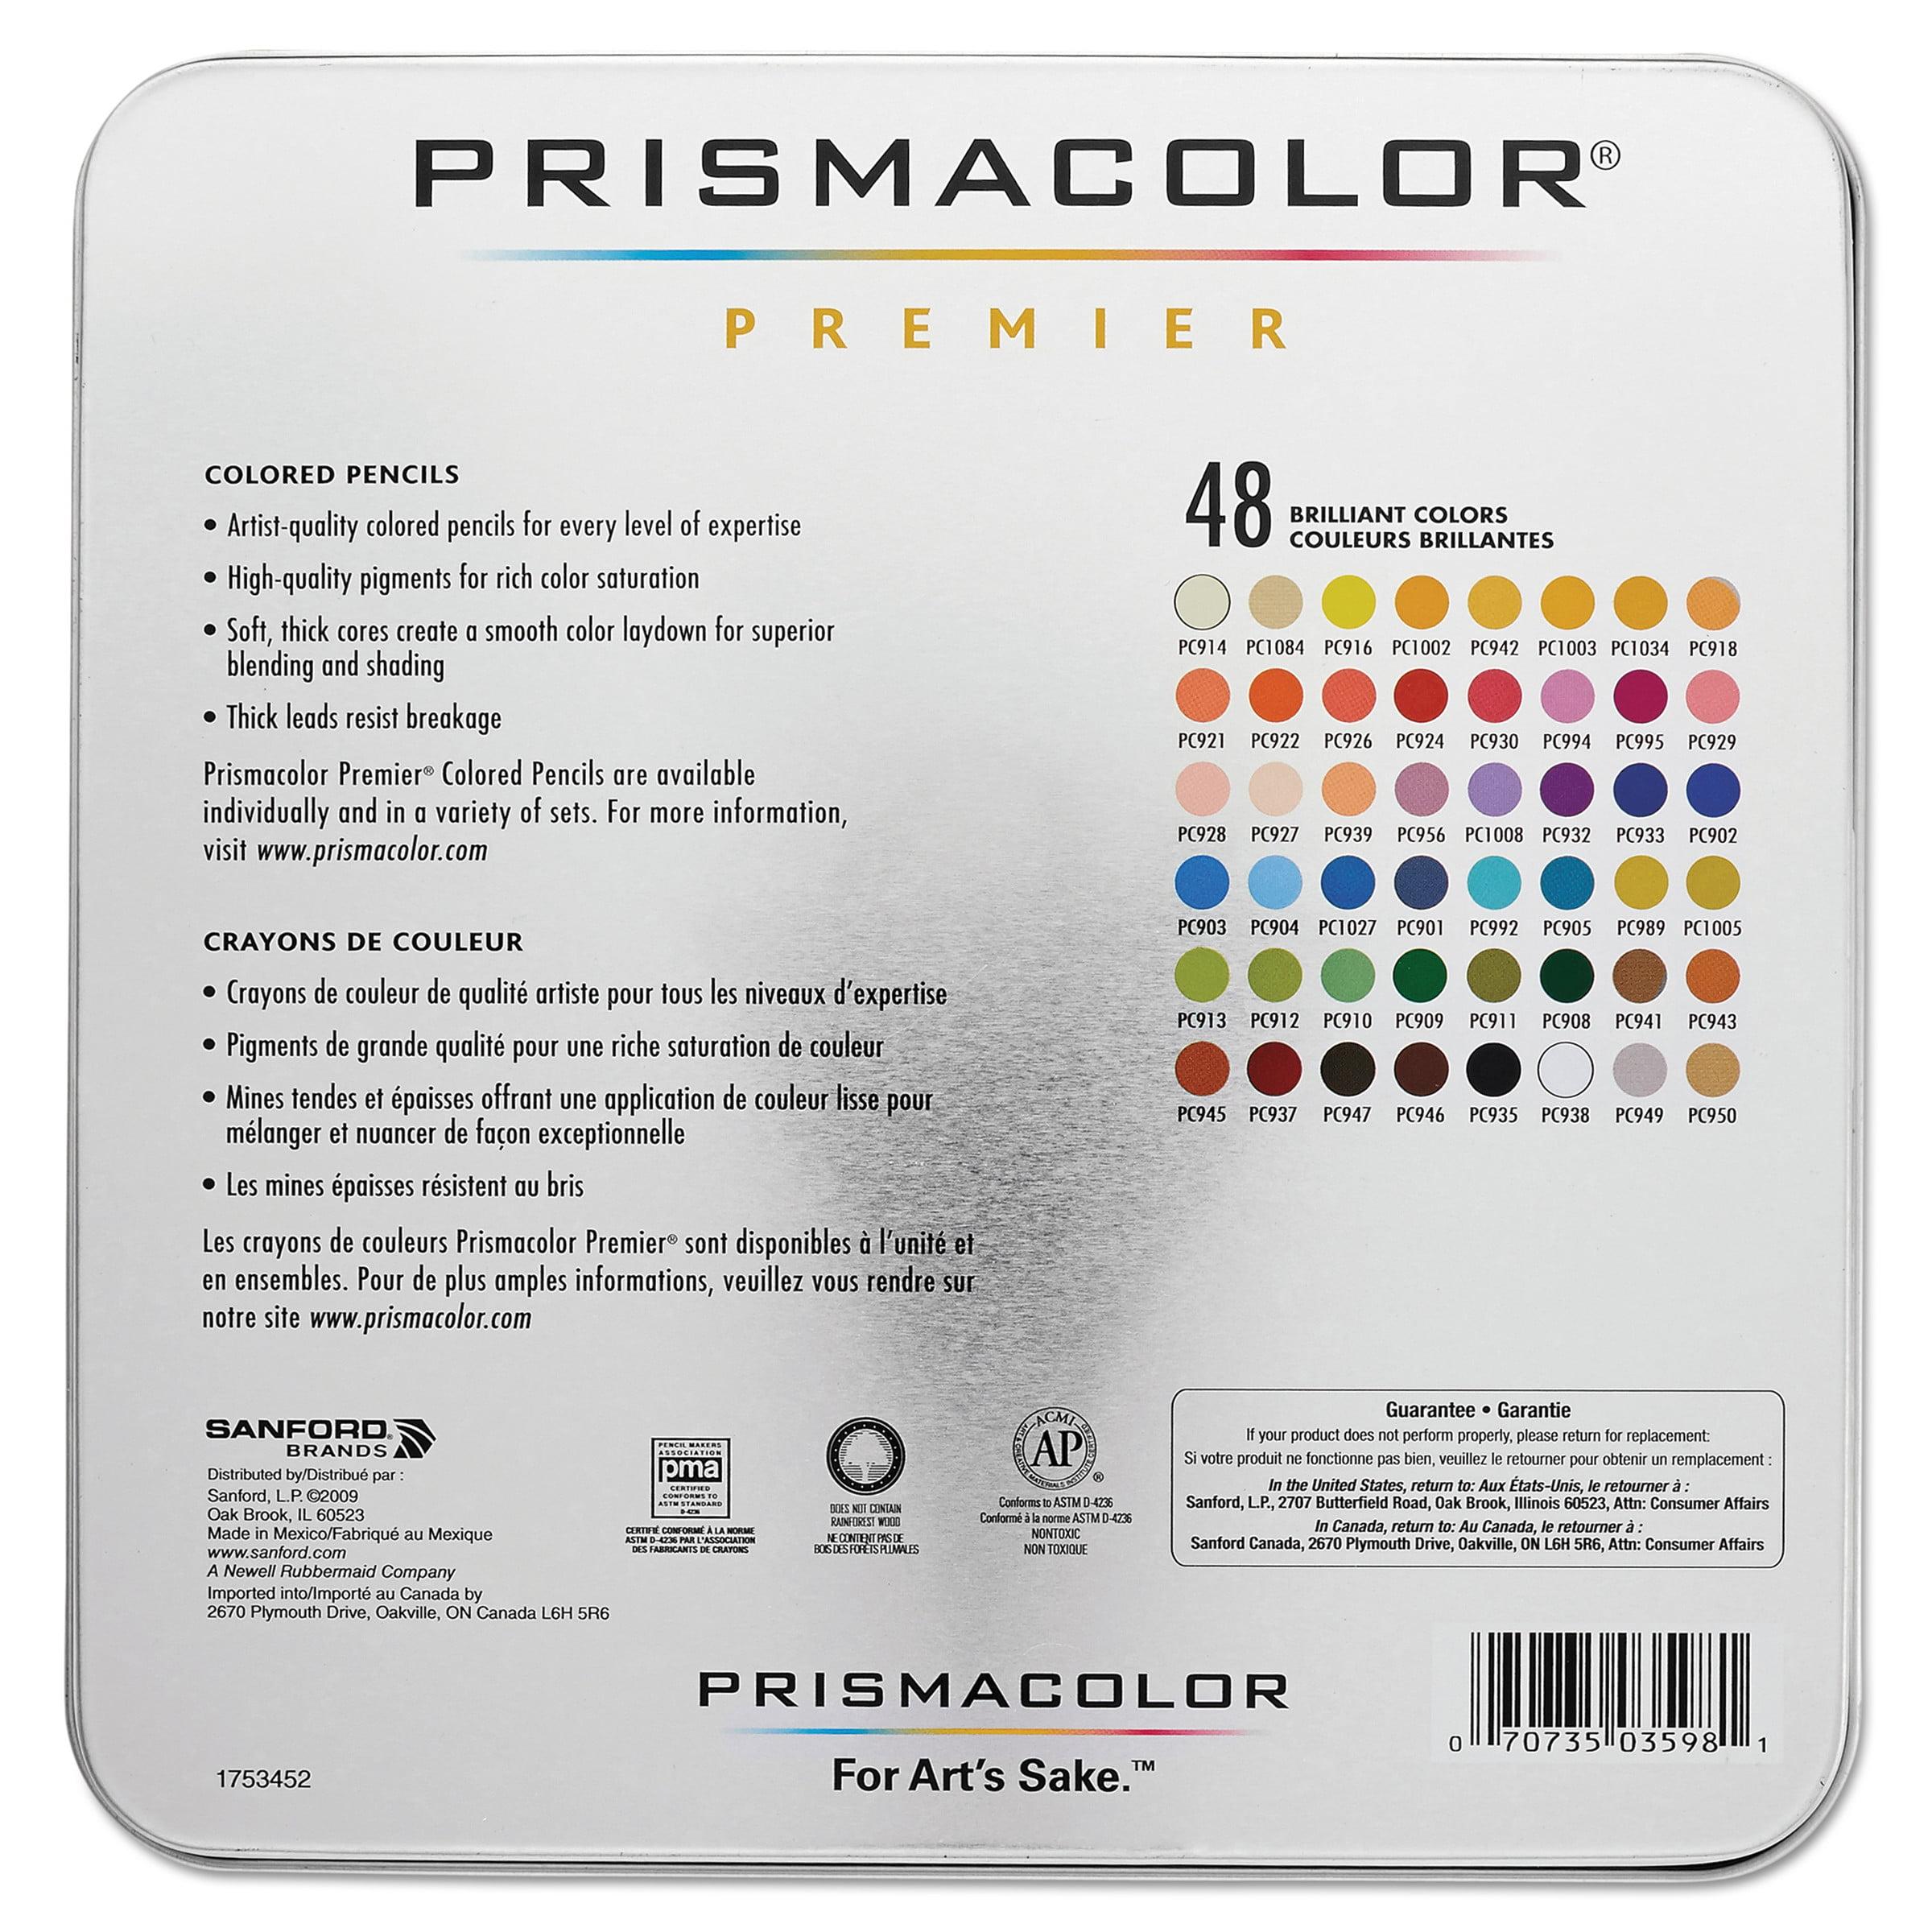 Prismacolor Premier Colored Woodcase Pencils 48 Colors Walmart